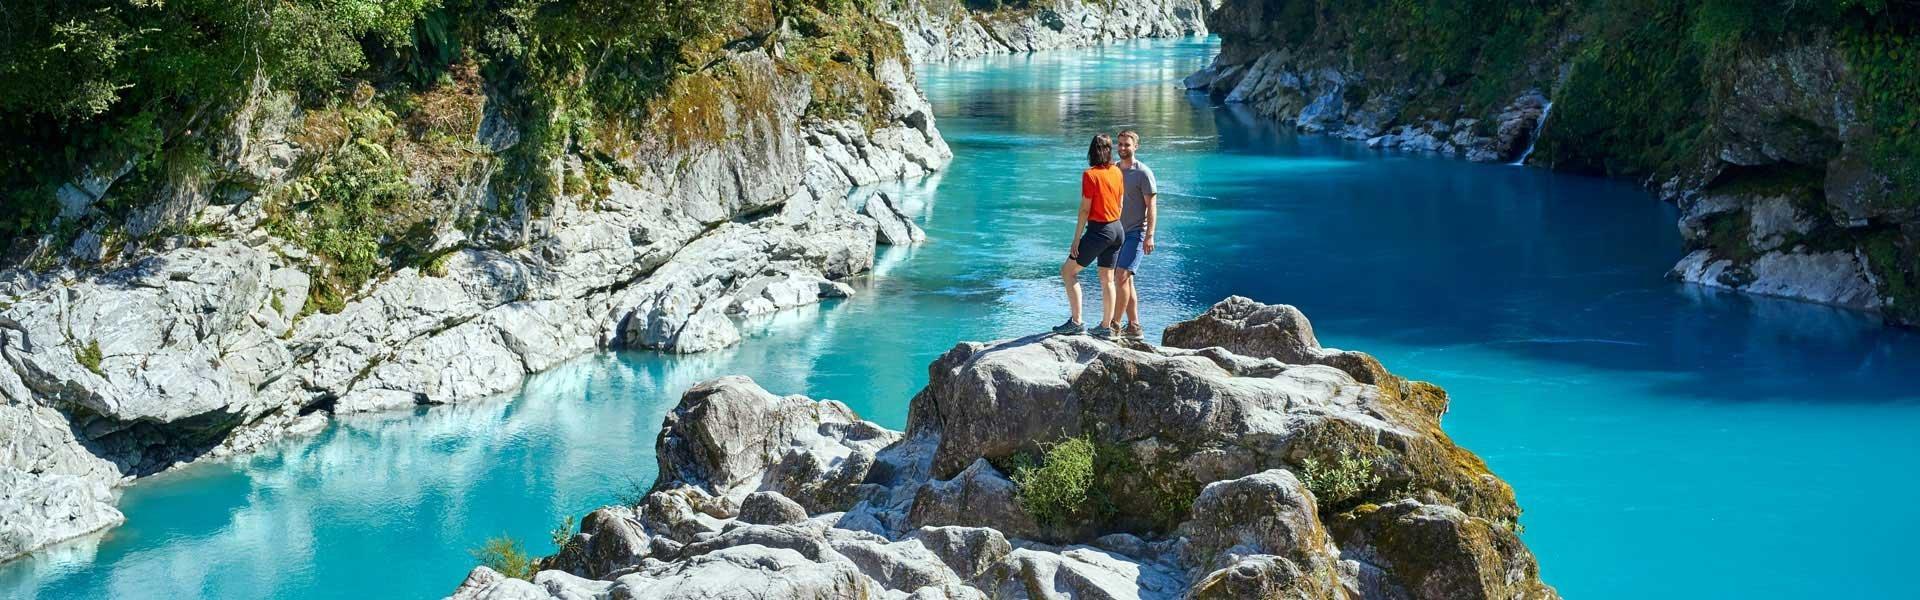 Bezoek Hotikita tijdens een campervakantie in Nieuw-Zeeland met Victoria CamperHolidays